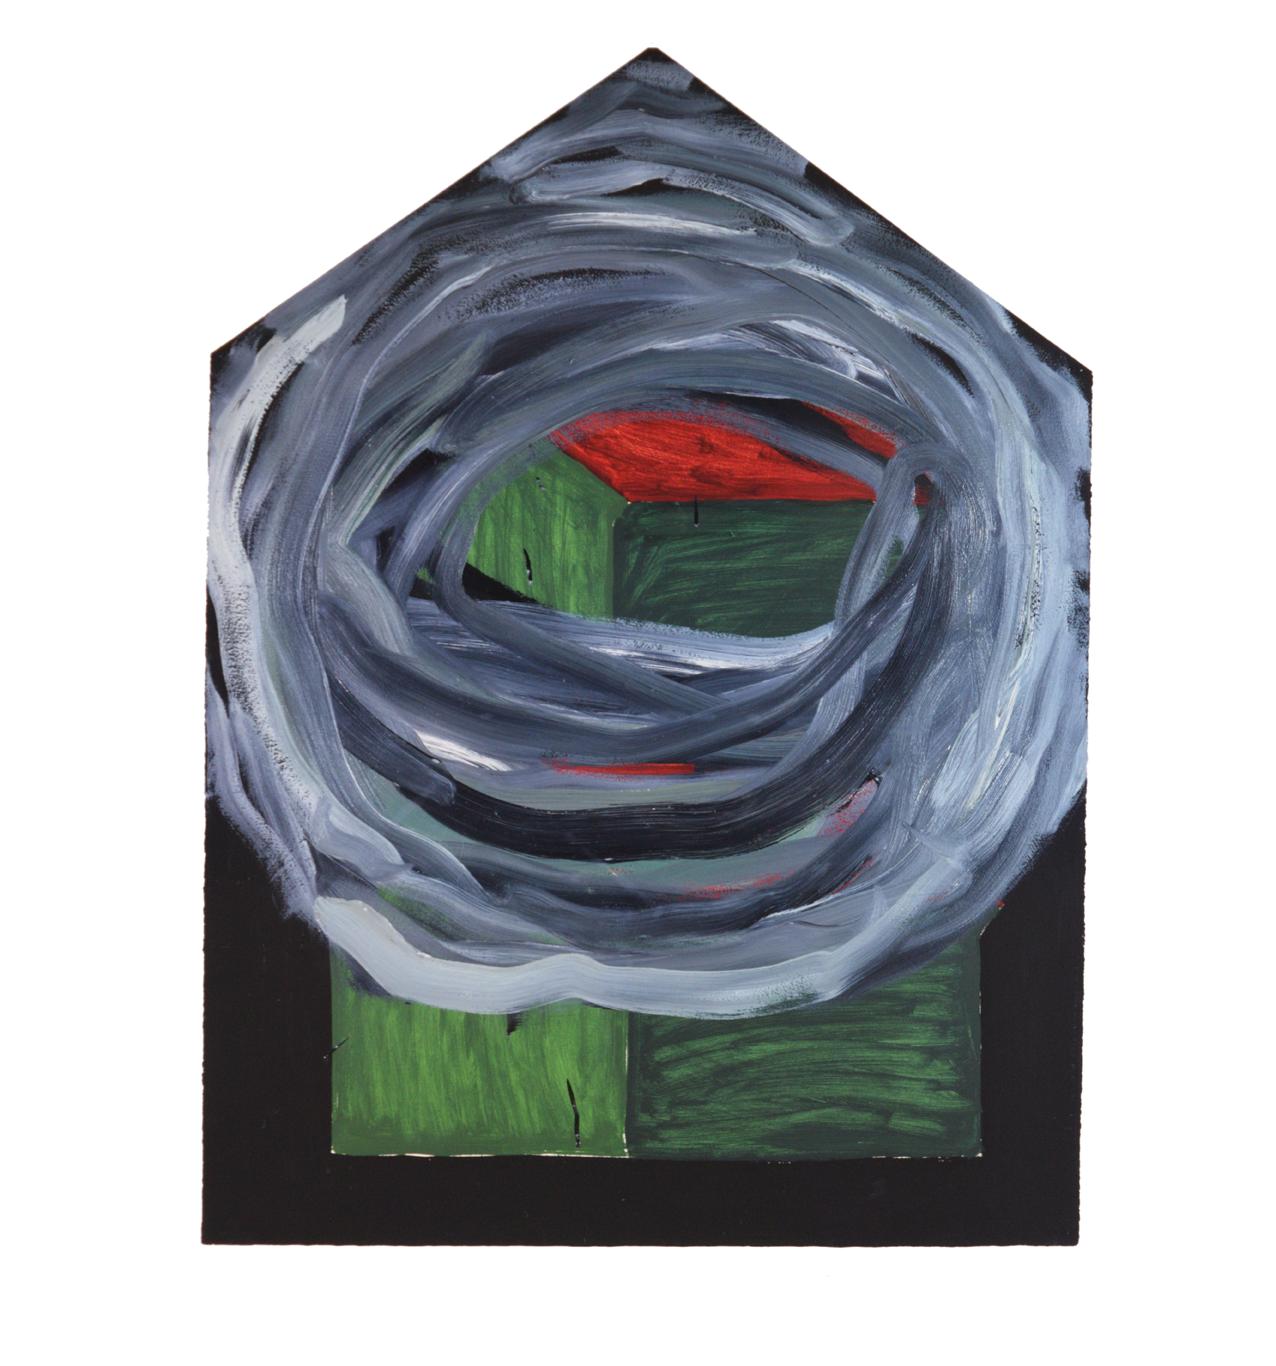 """""""Maison double repeint circulairement gris"""" 1981, peinture à l'huile sur papier, 106 x 79 cm  - Photo Hadler/Stuhr"""